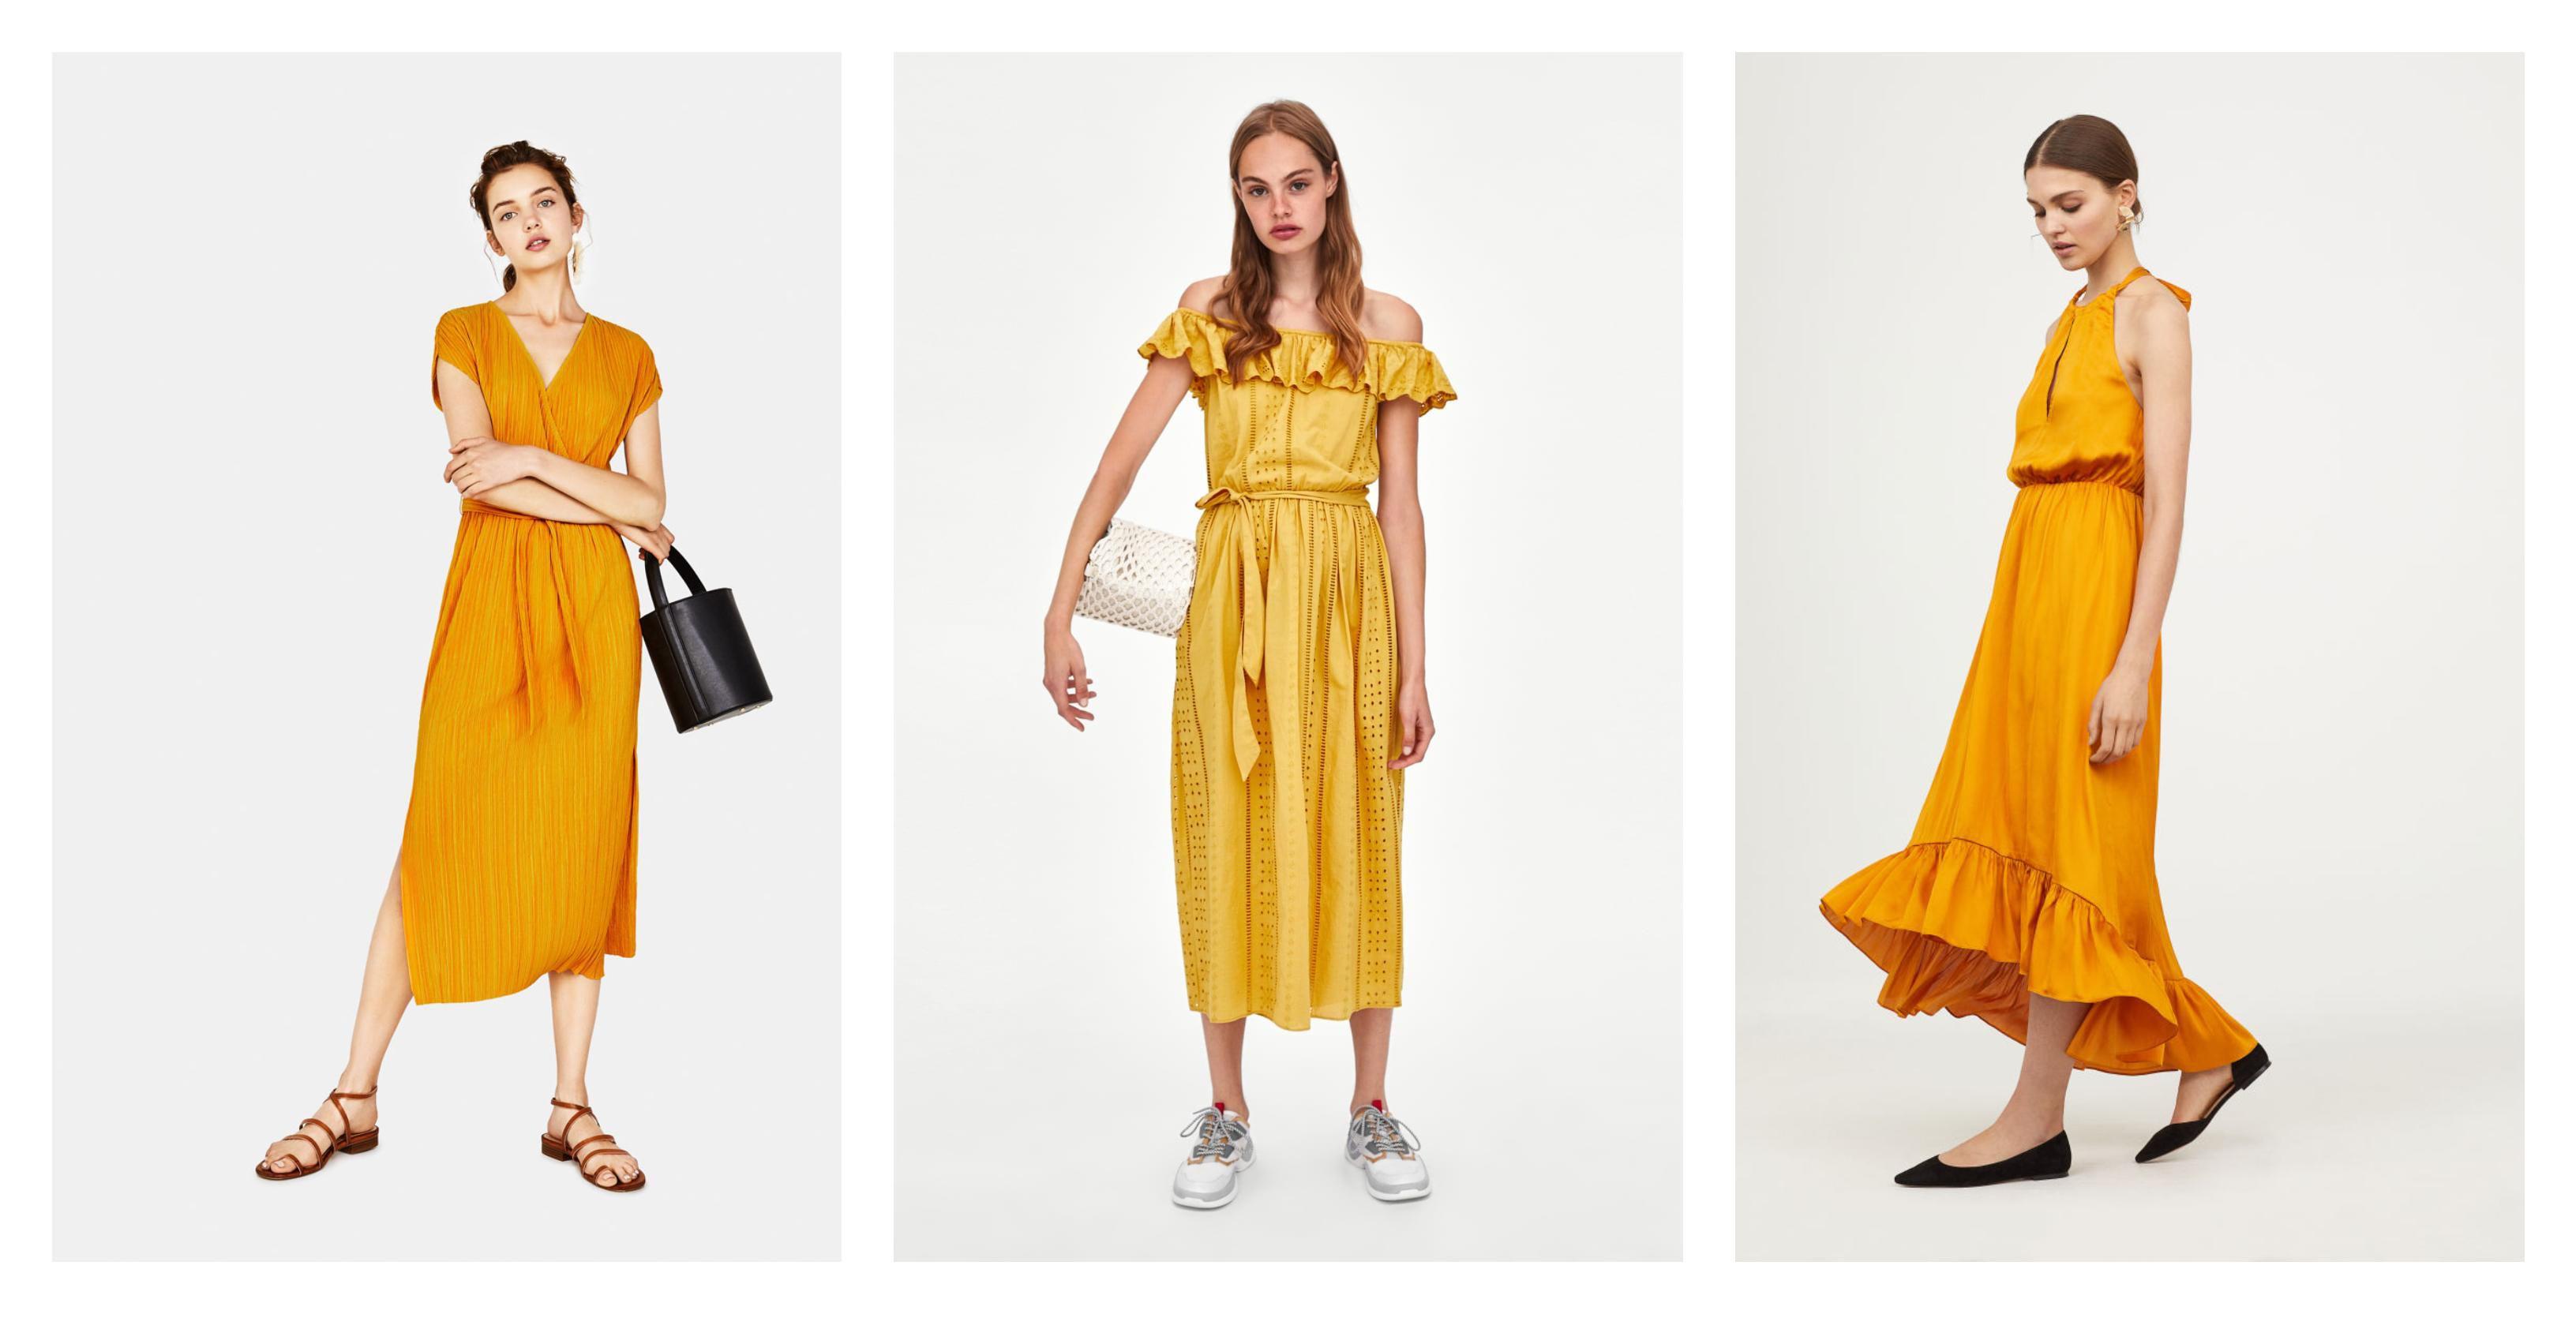 Žutom bojom razvedrite dan! Izabrali smo najljepše haljine iz high street ponude